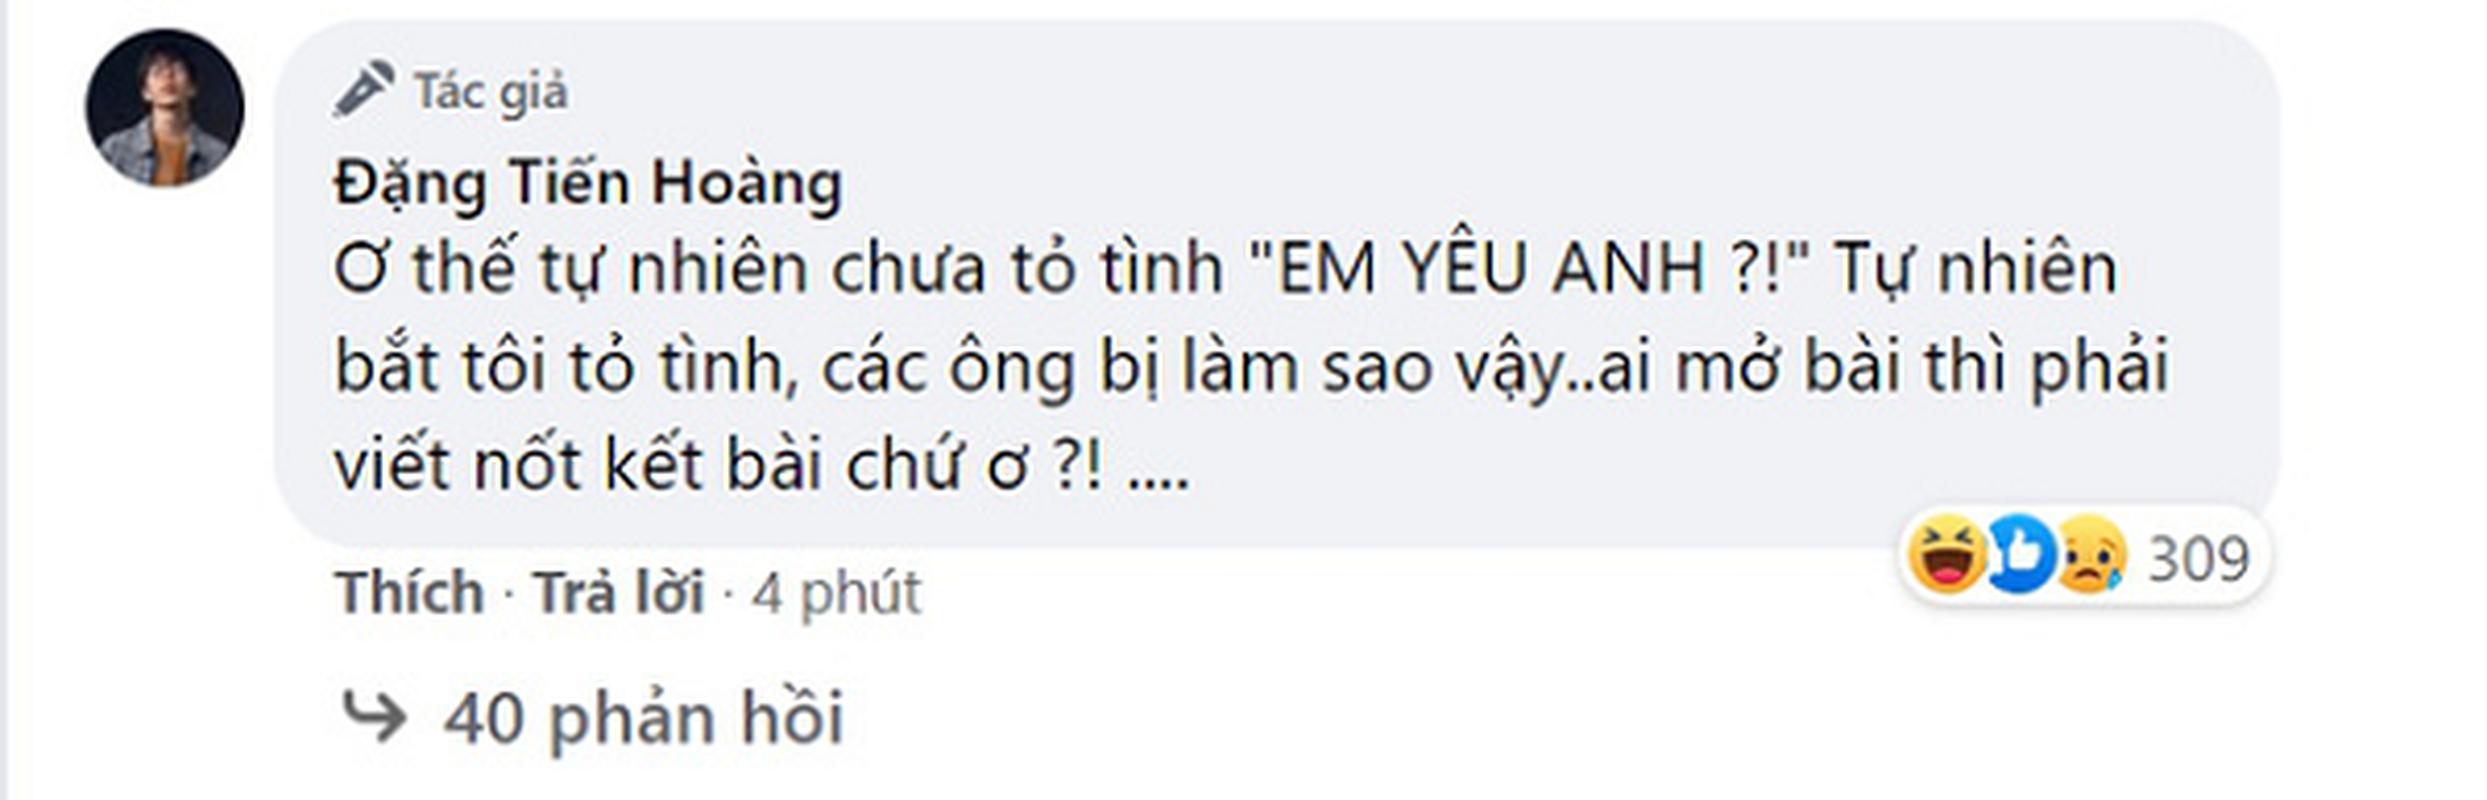 """Het drama voi Binh Gold, ViruSs lai bi """"hoi chi em"""" gay su thang-Hinh-8"""